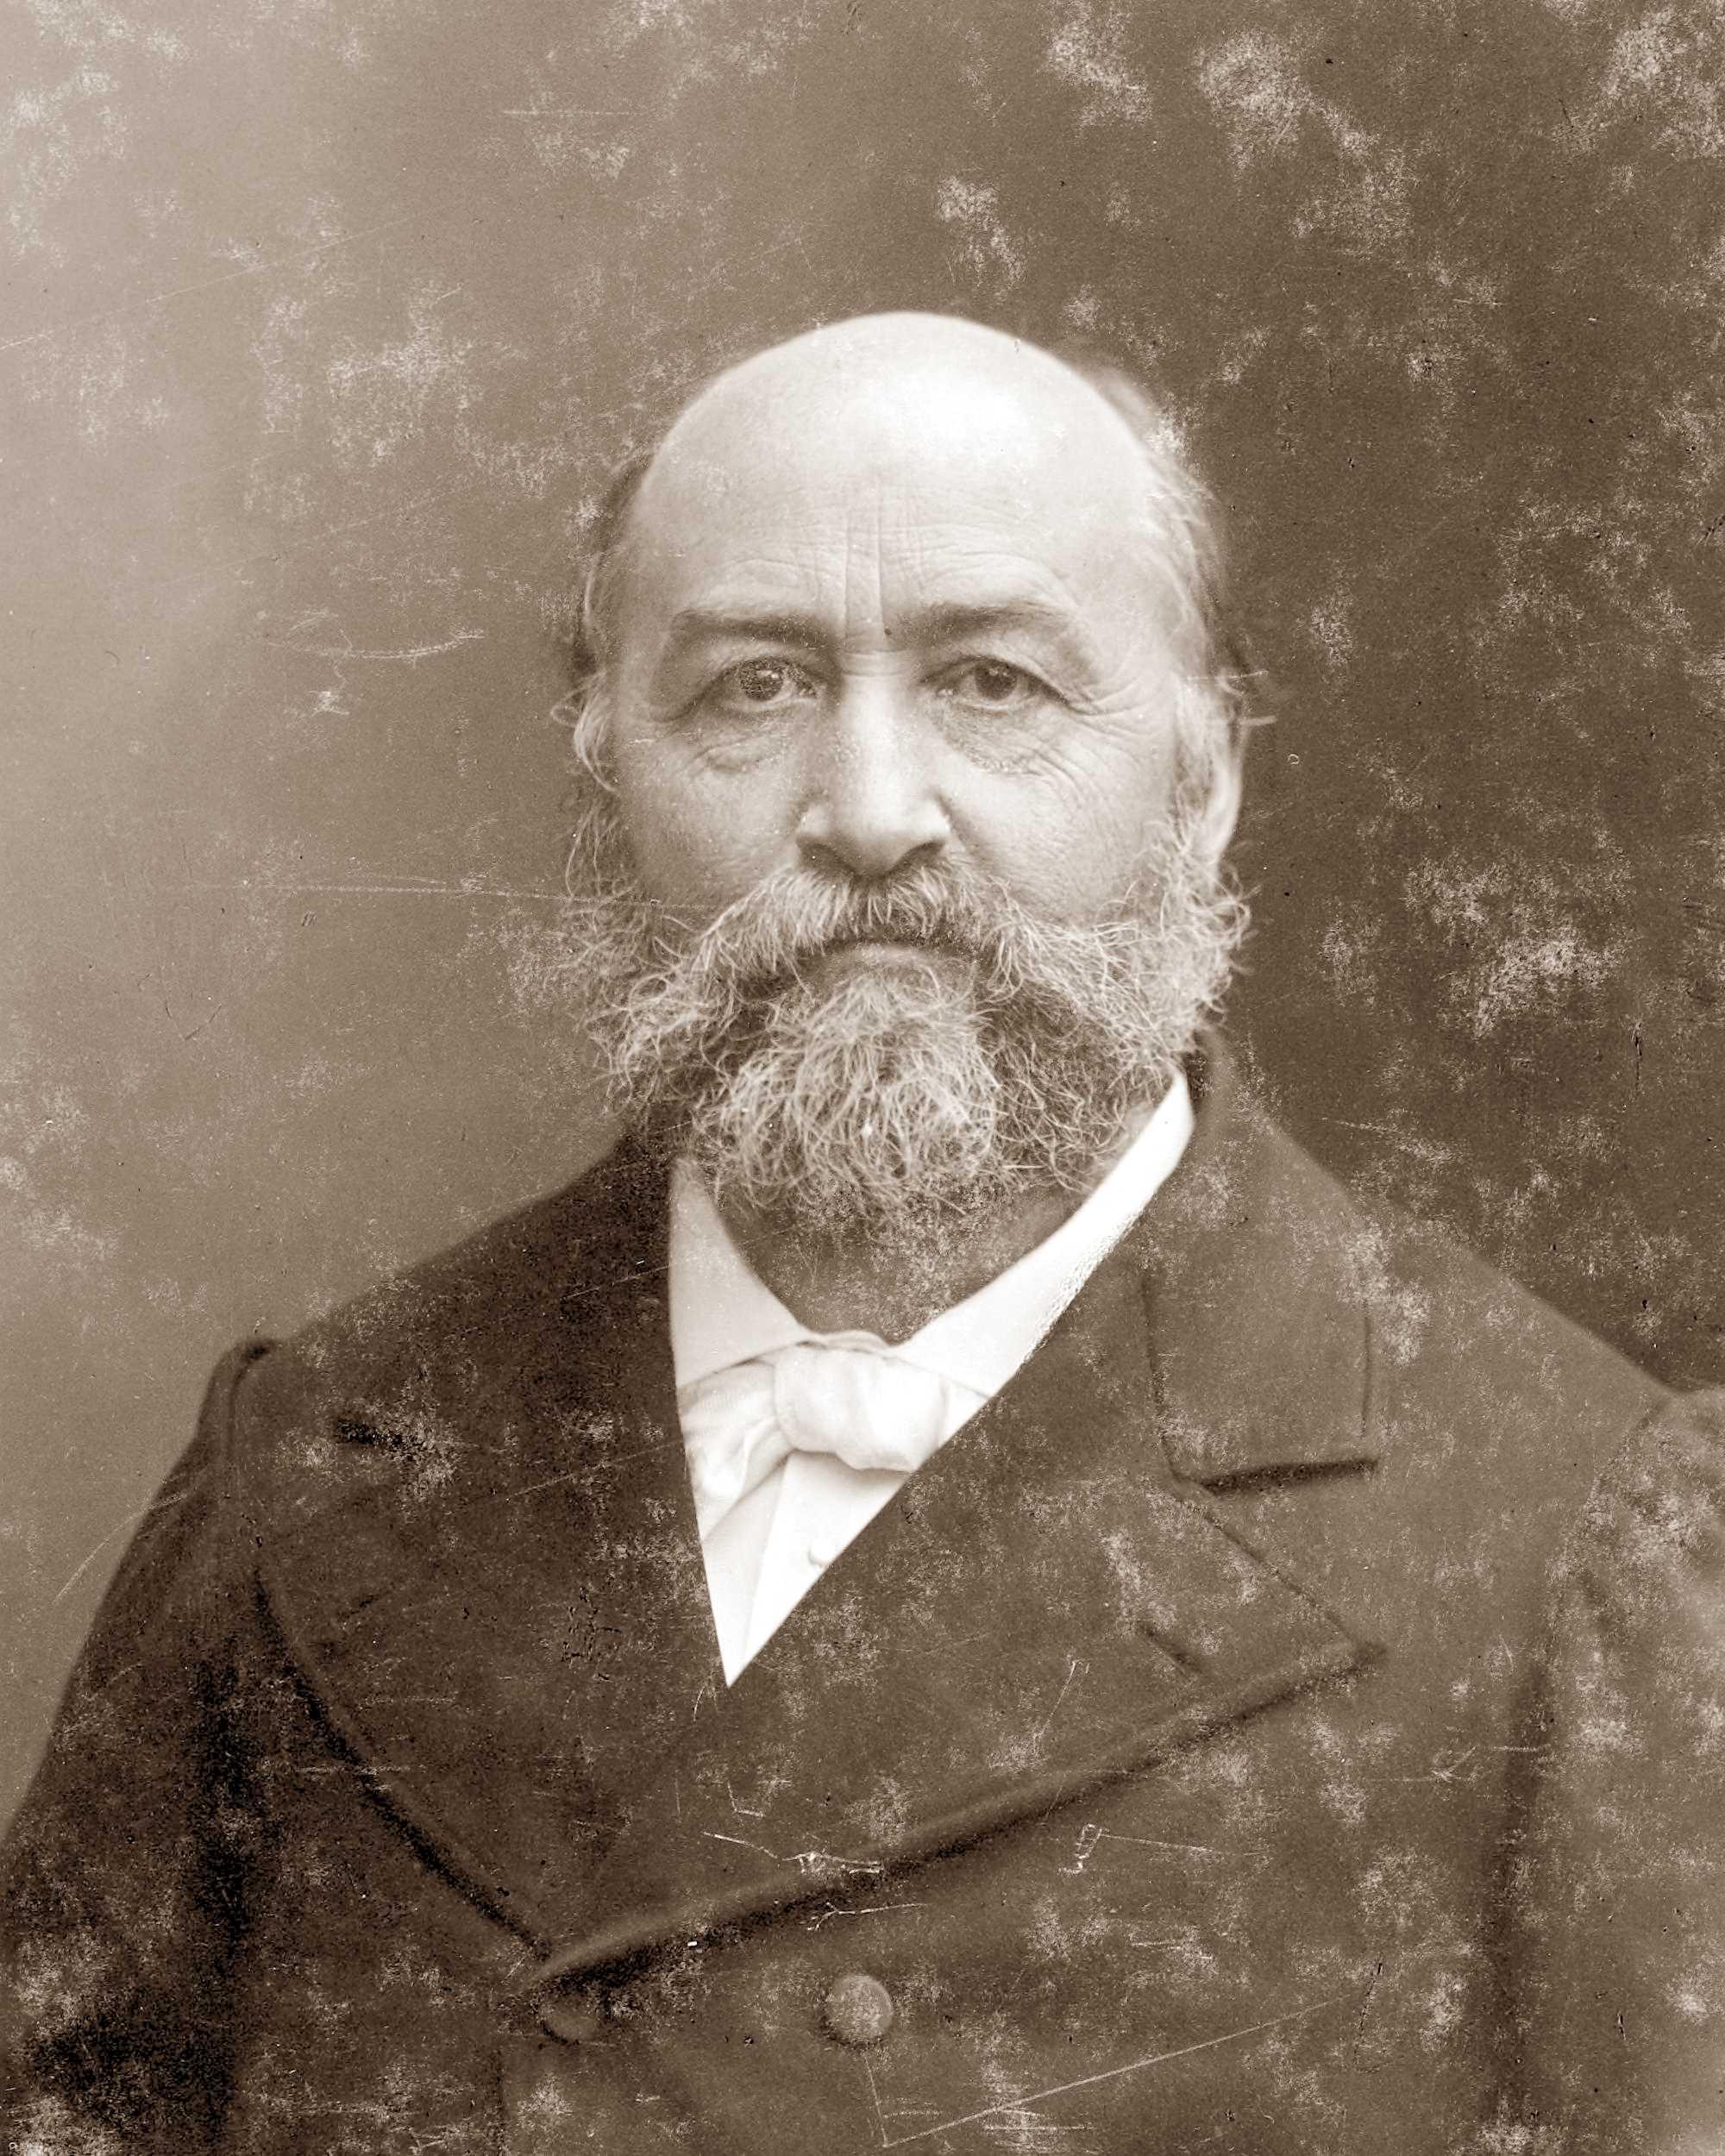 Élie Reclus fotografiat per Nadar (1885)